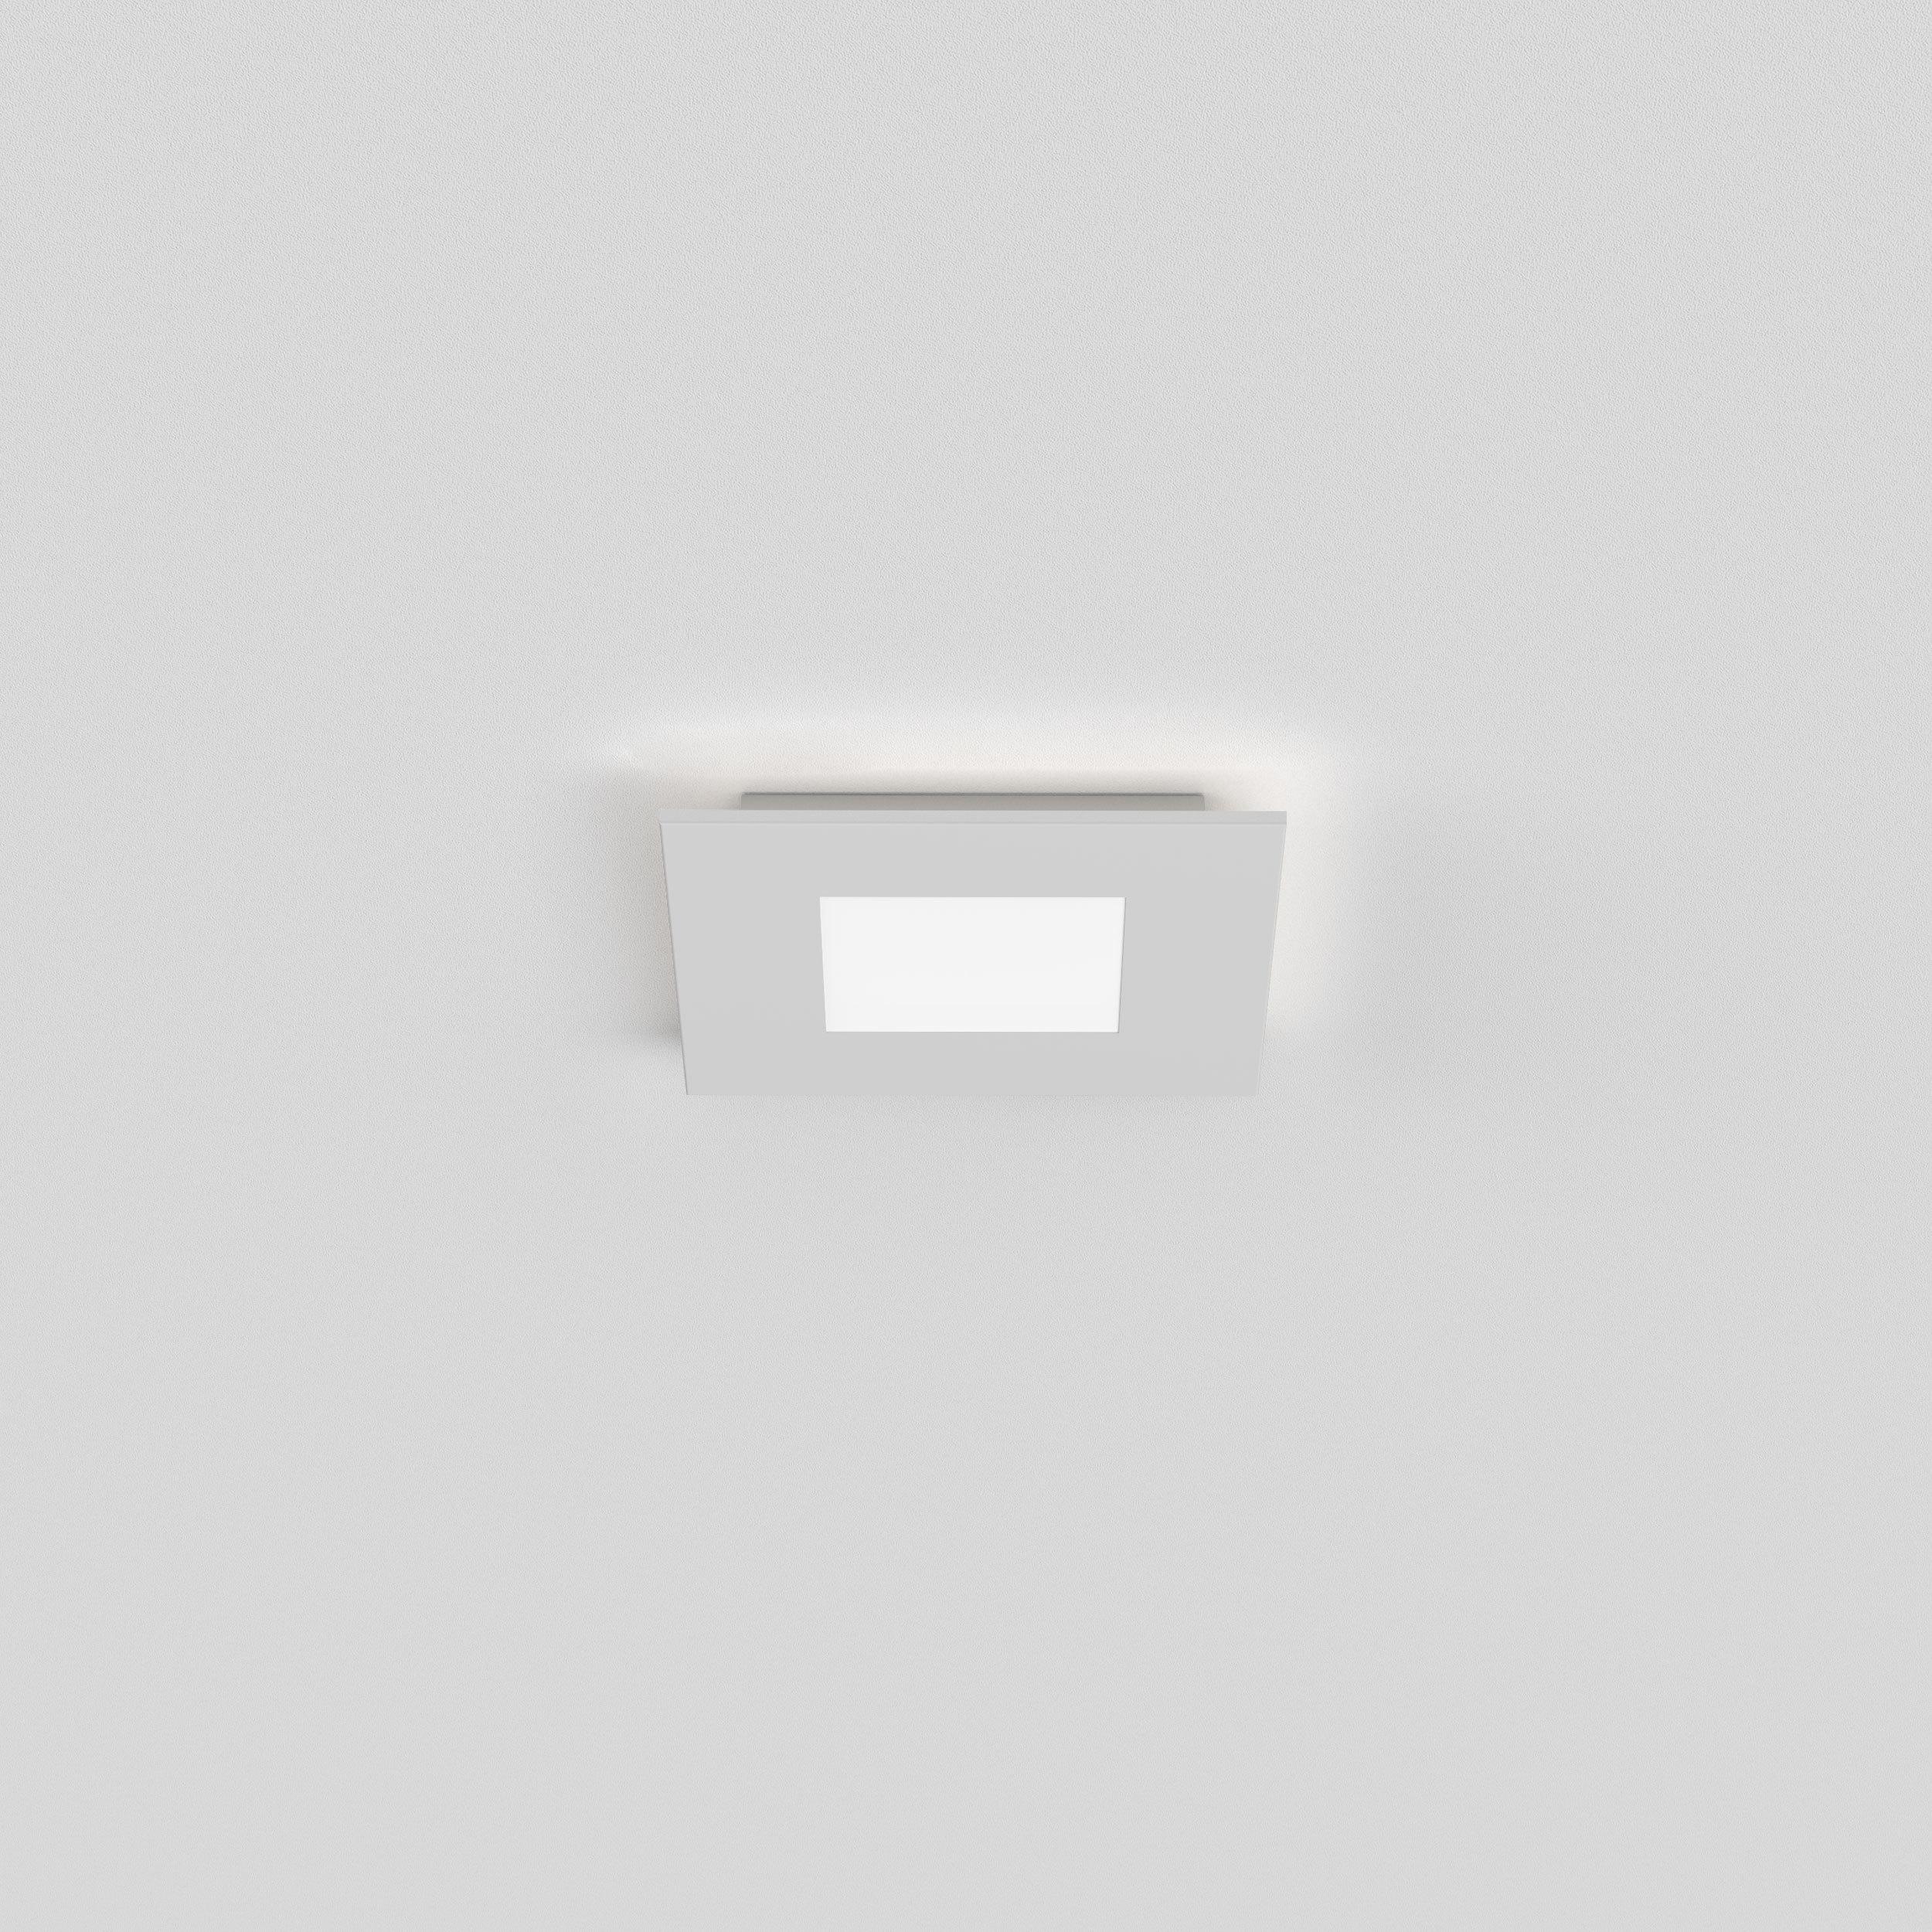 Потолочный светодиодный светильник Astro Zero 1382001 (7419), LED 15,4W 2700K 806.6lm CRI>80, белый, металл со стеклом/пластиком, пластик - фото 5